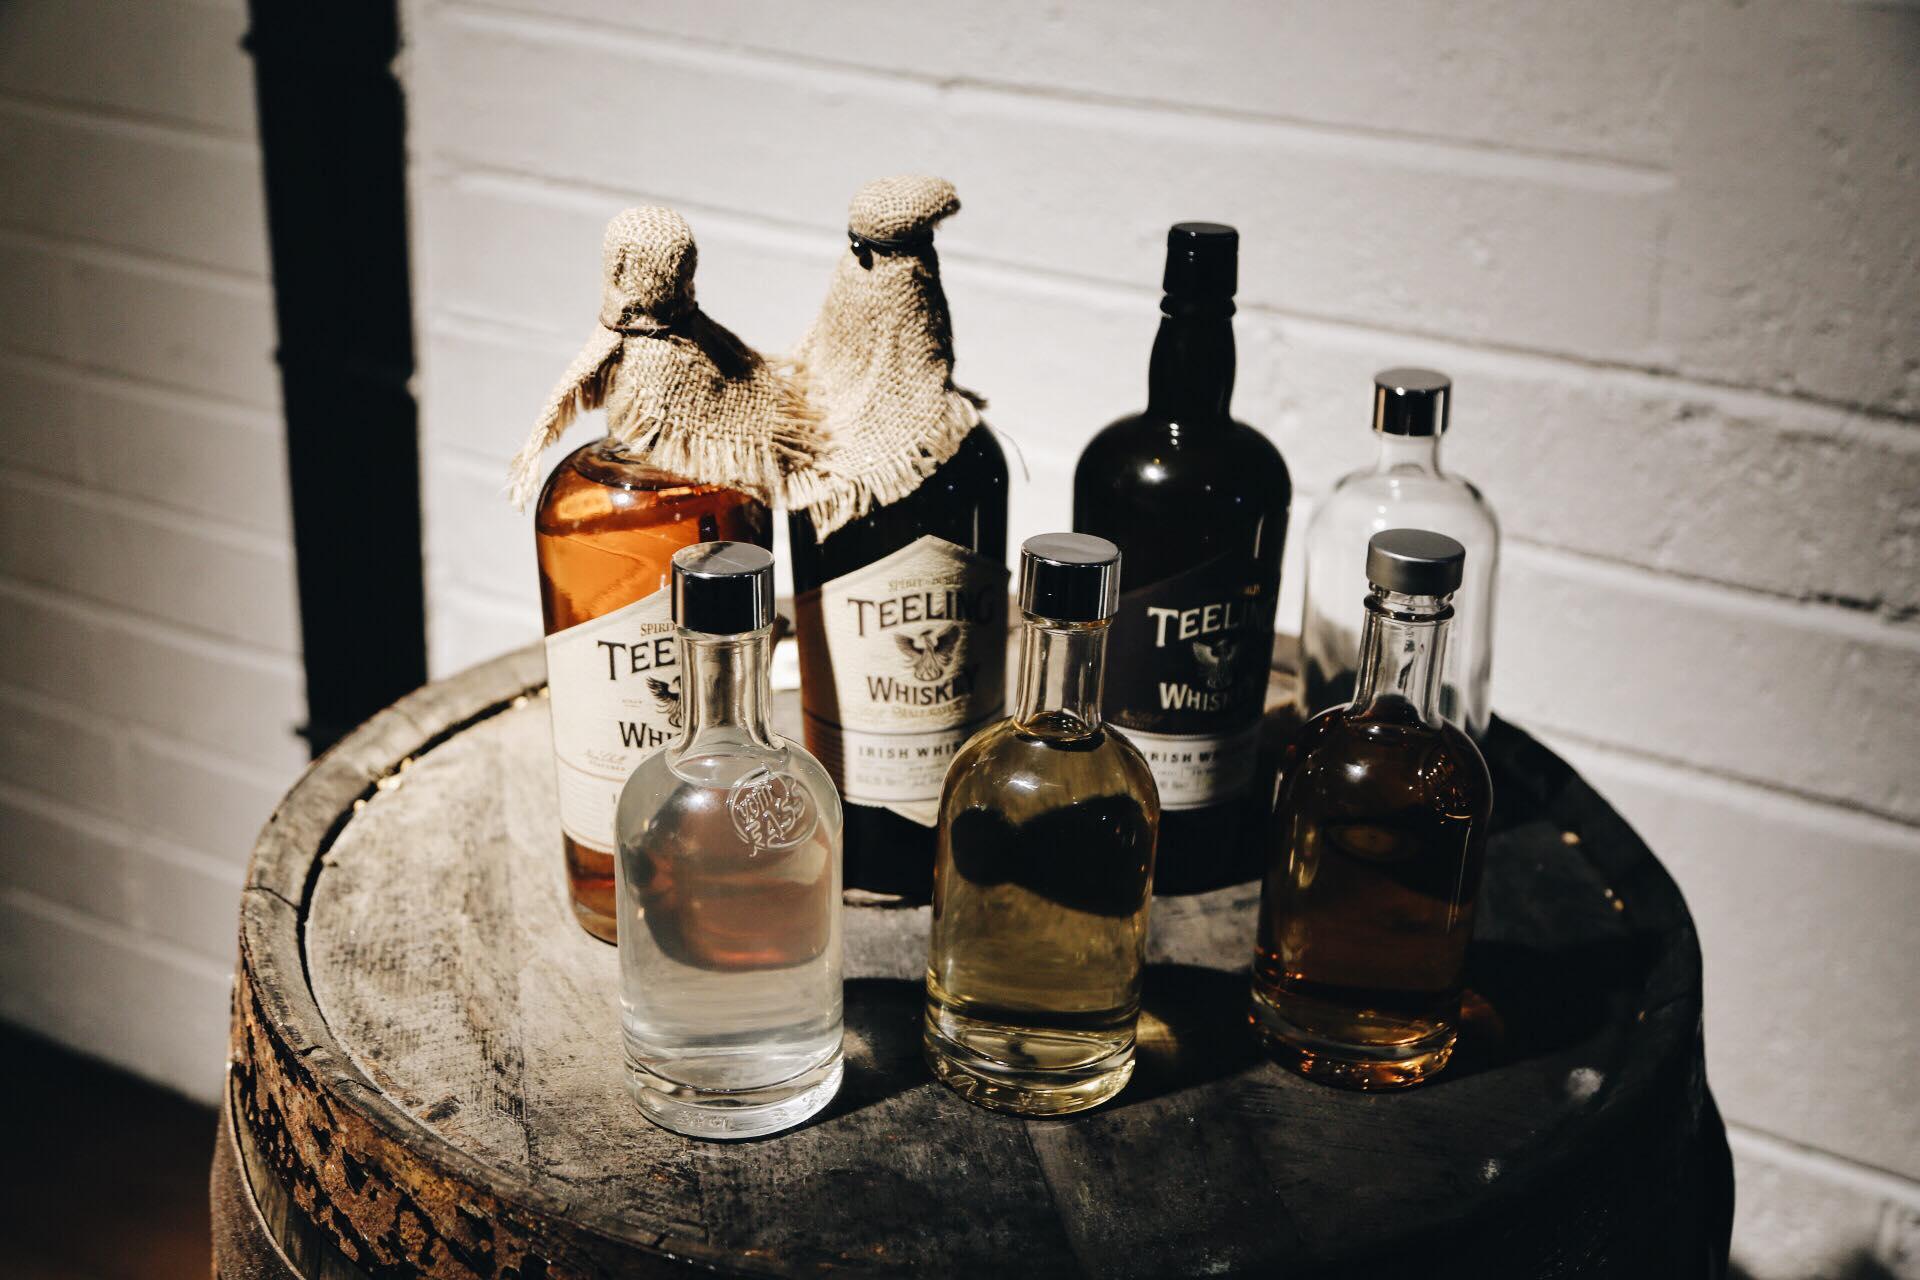 We're in Dublin, Ireland - Guinness Storehouse - Teeling Whiskey (12)